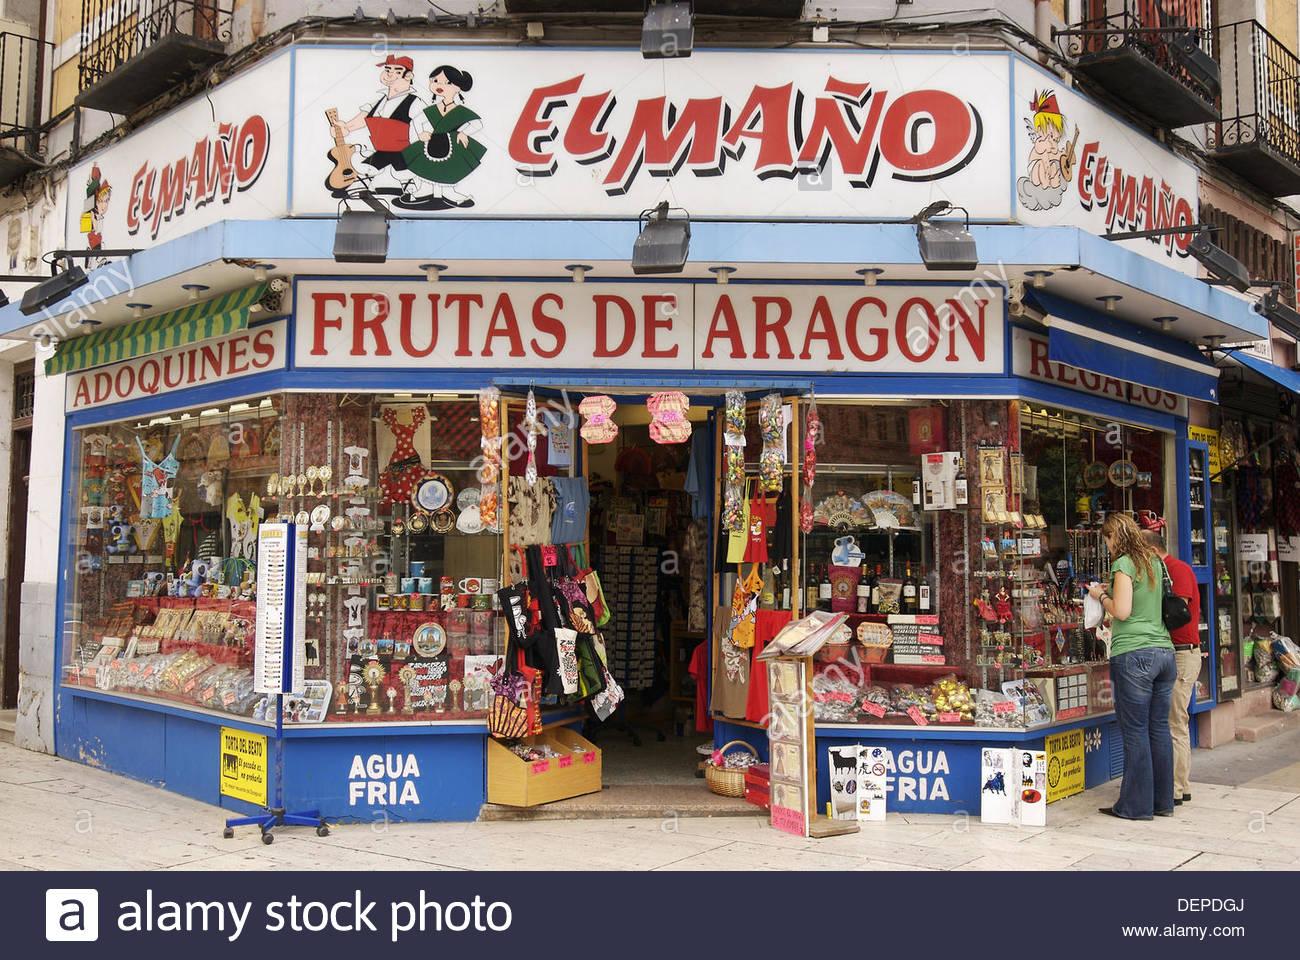 Negozio di souvenir negozio El Maño. Saragozza, Aragona. Spagna. Immagini Stock